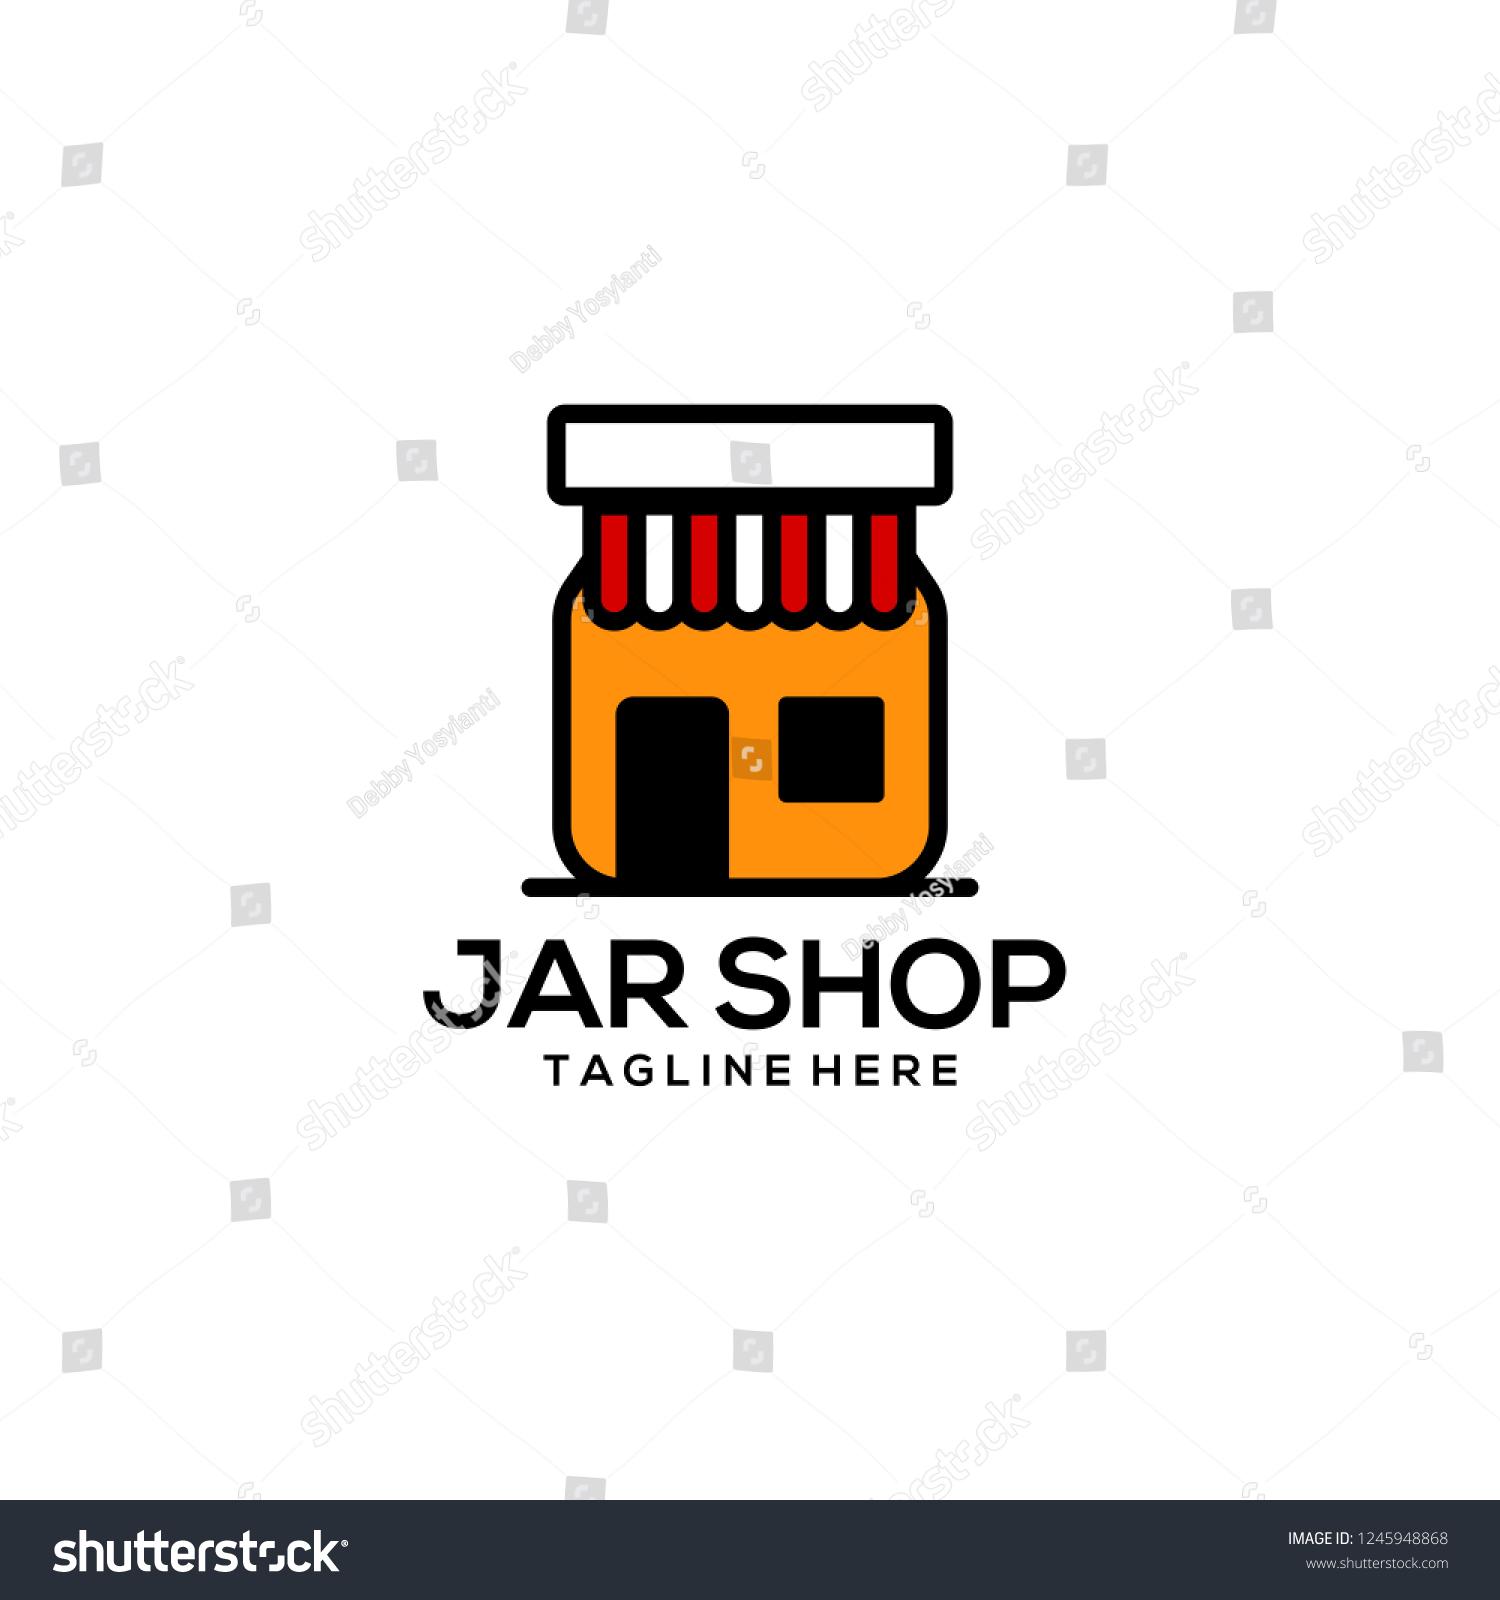 stock vector jar logo design 1245948868